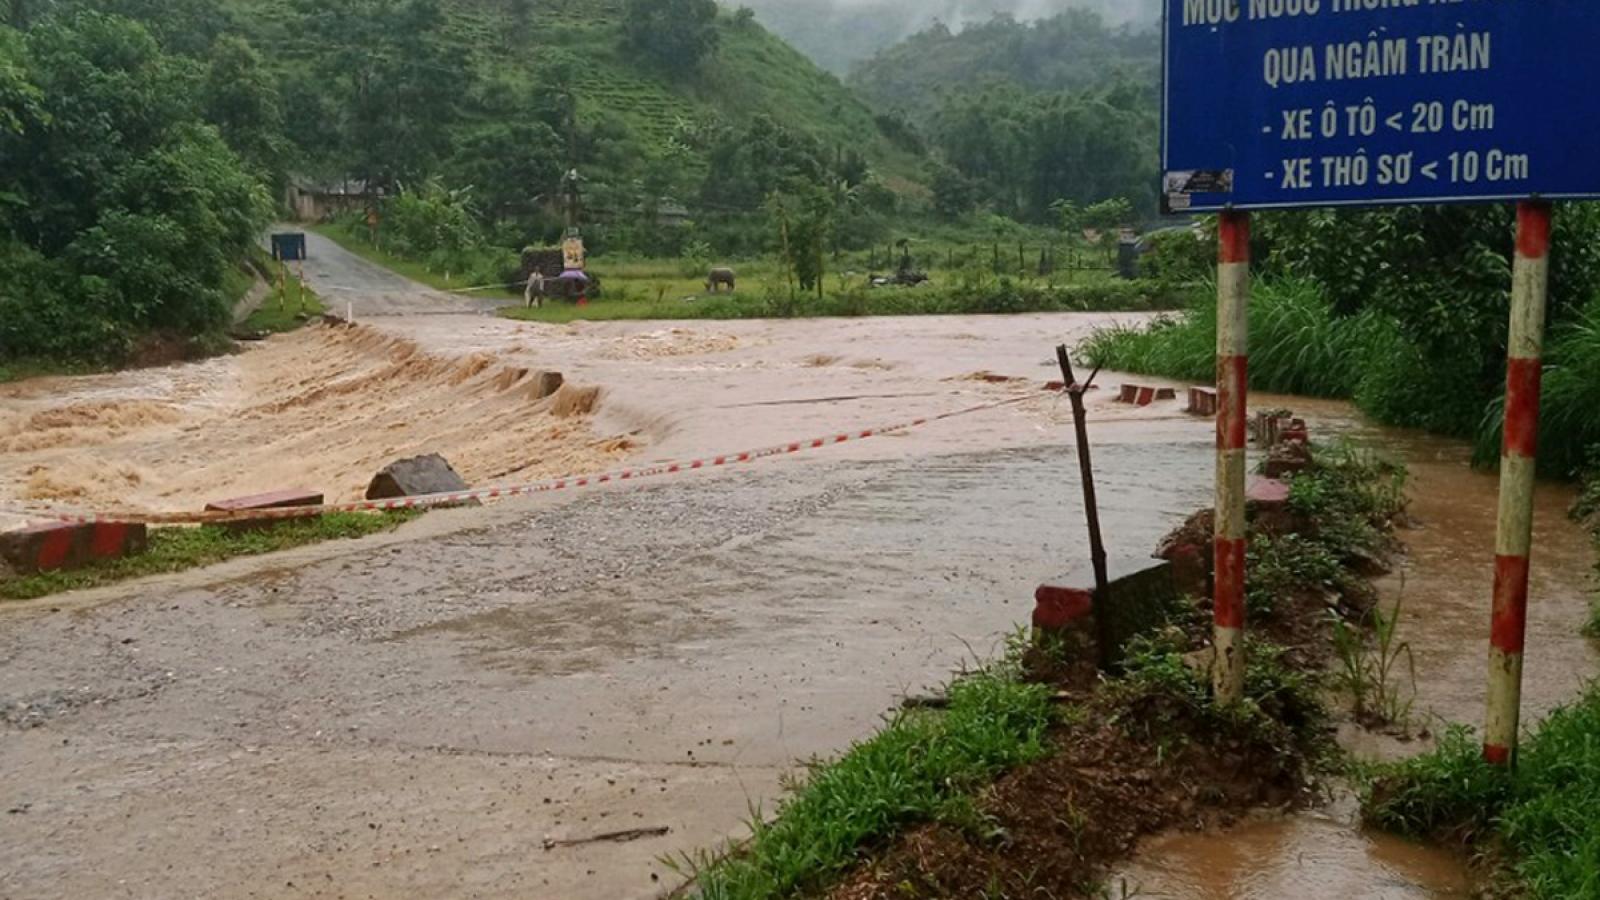 Mưa lớn ở Lai Châu gây ngập úng nhiều tuyến quốc lộ, tỉnh lộ